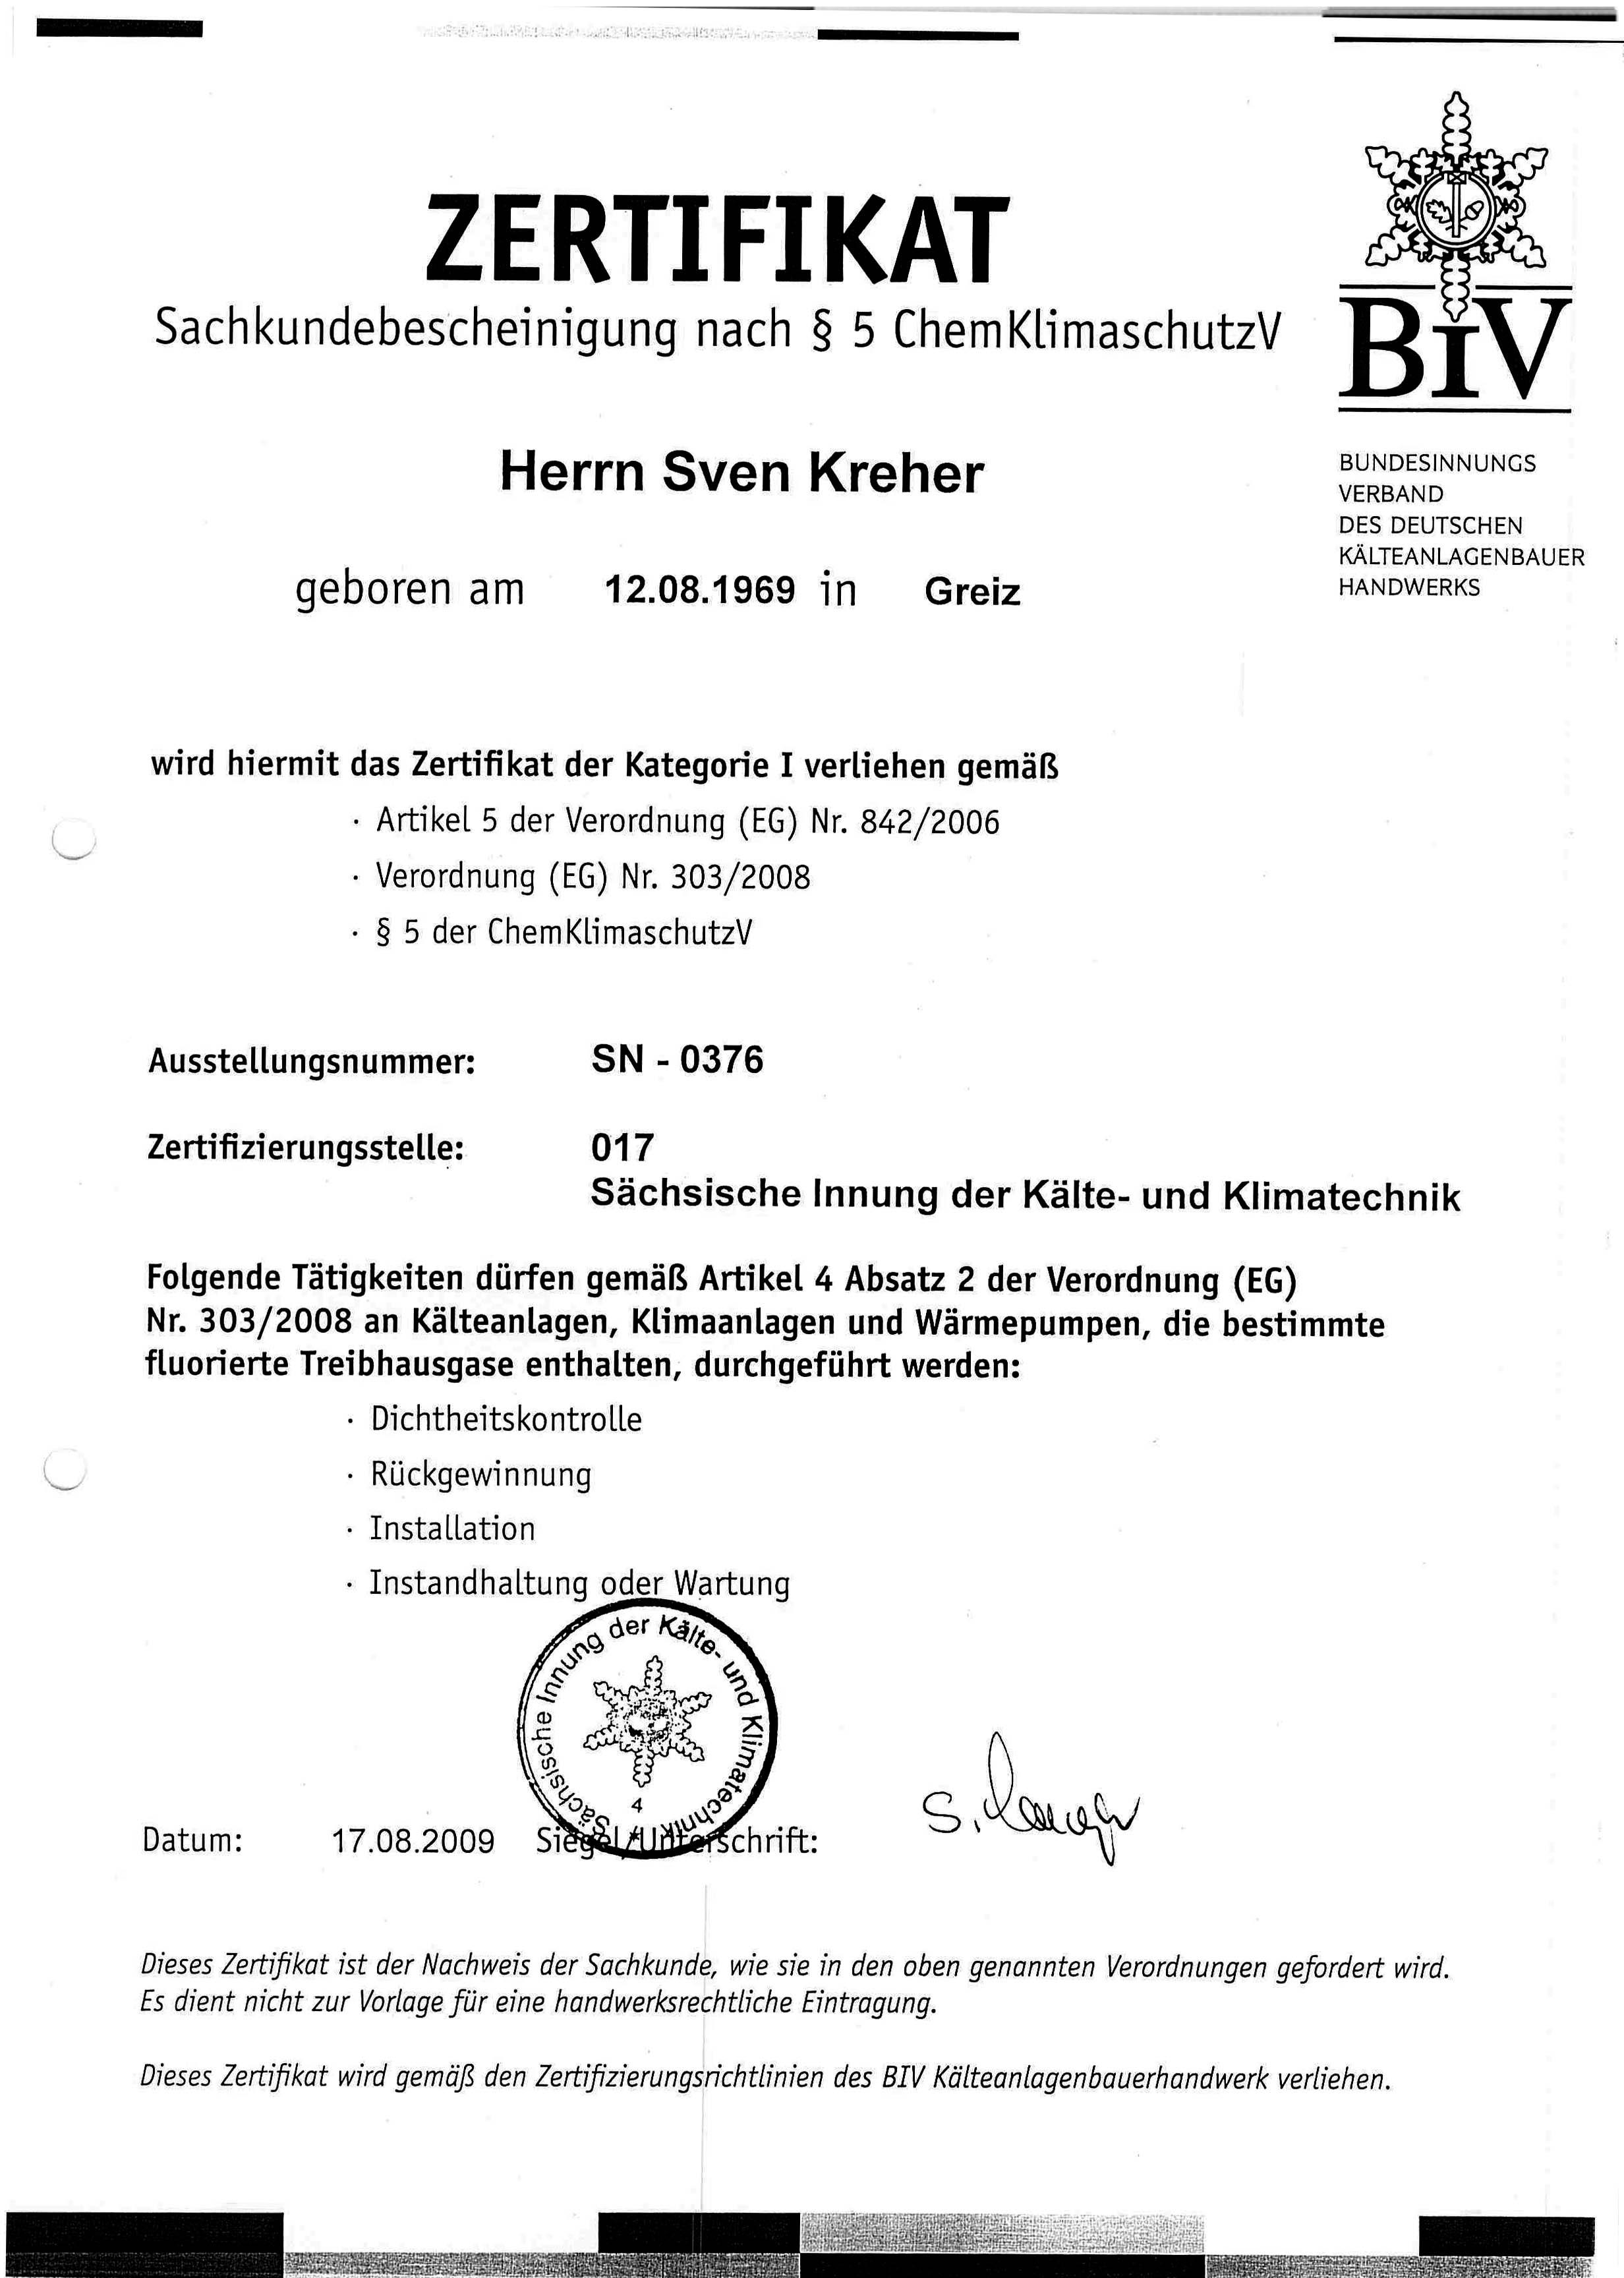 Schön Zertifizierung Vorlagen Ideen - FORTSETZUNG ARBEITSBLATT ...